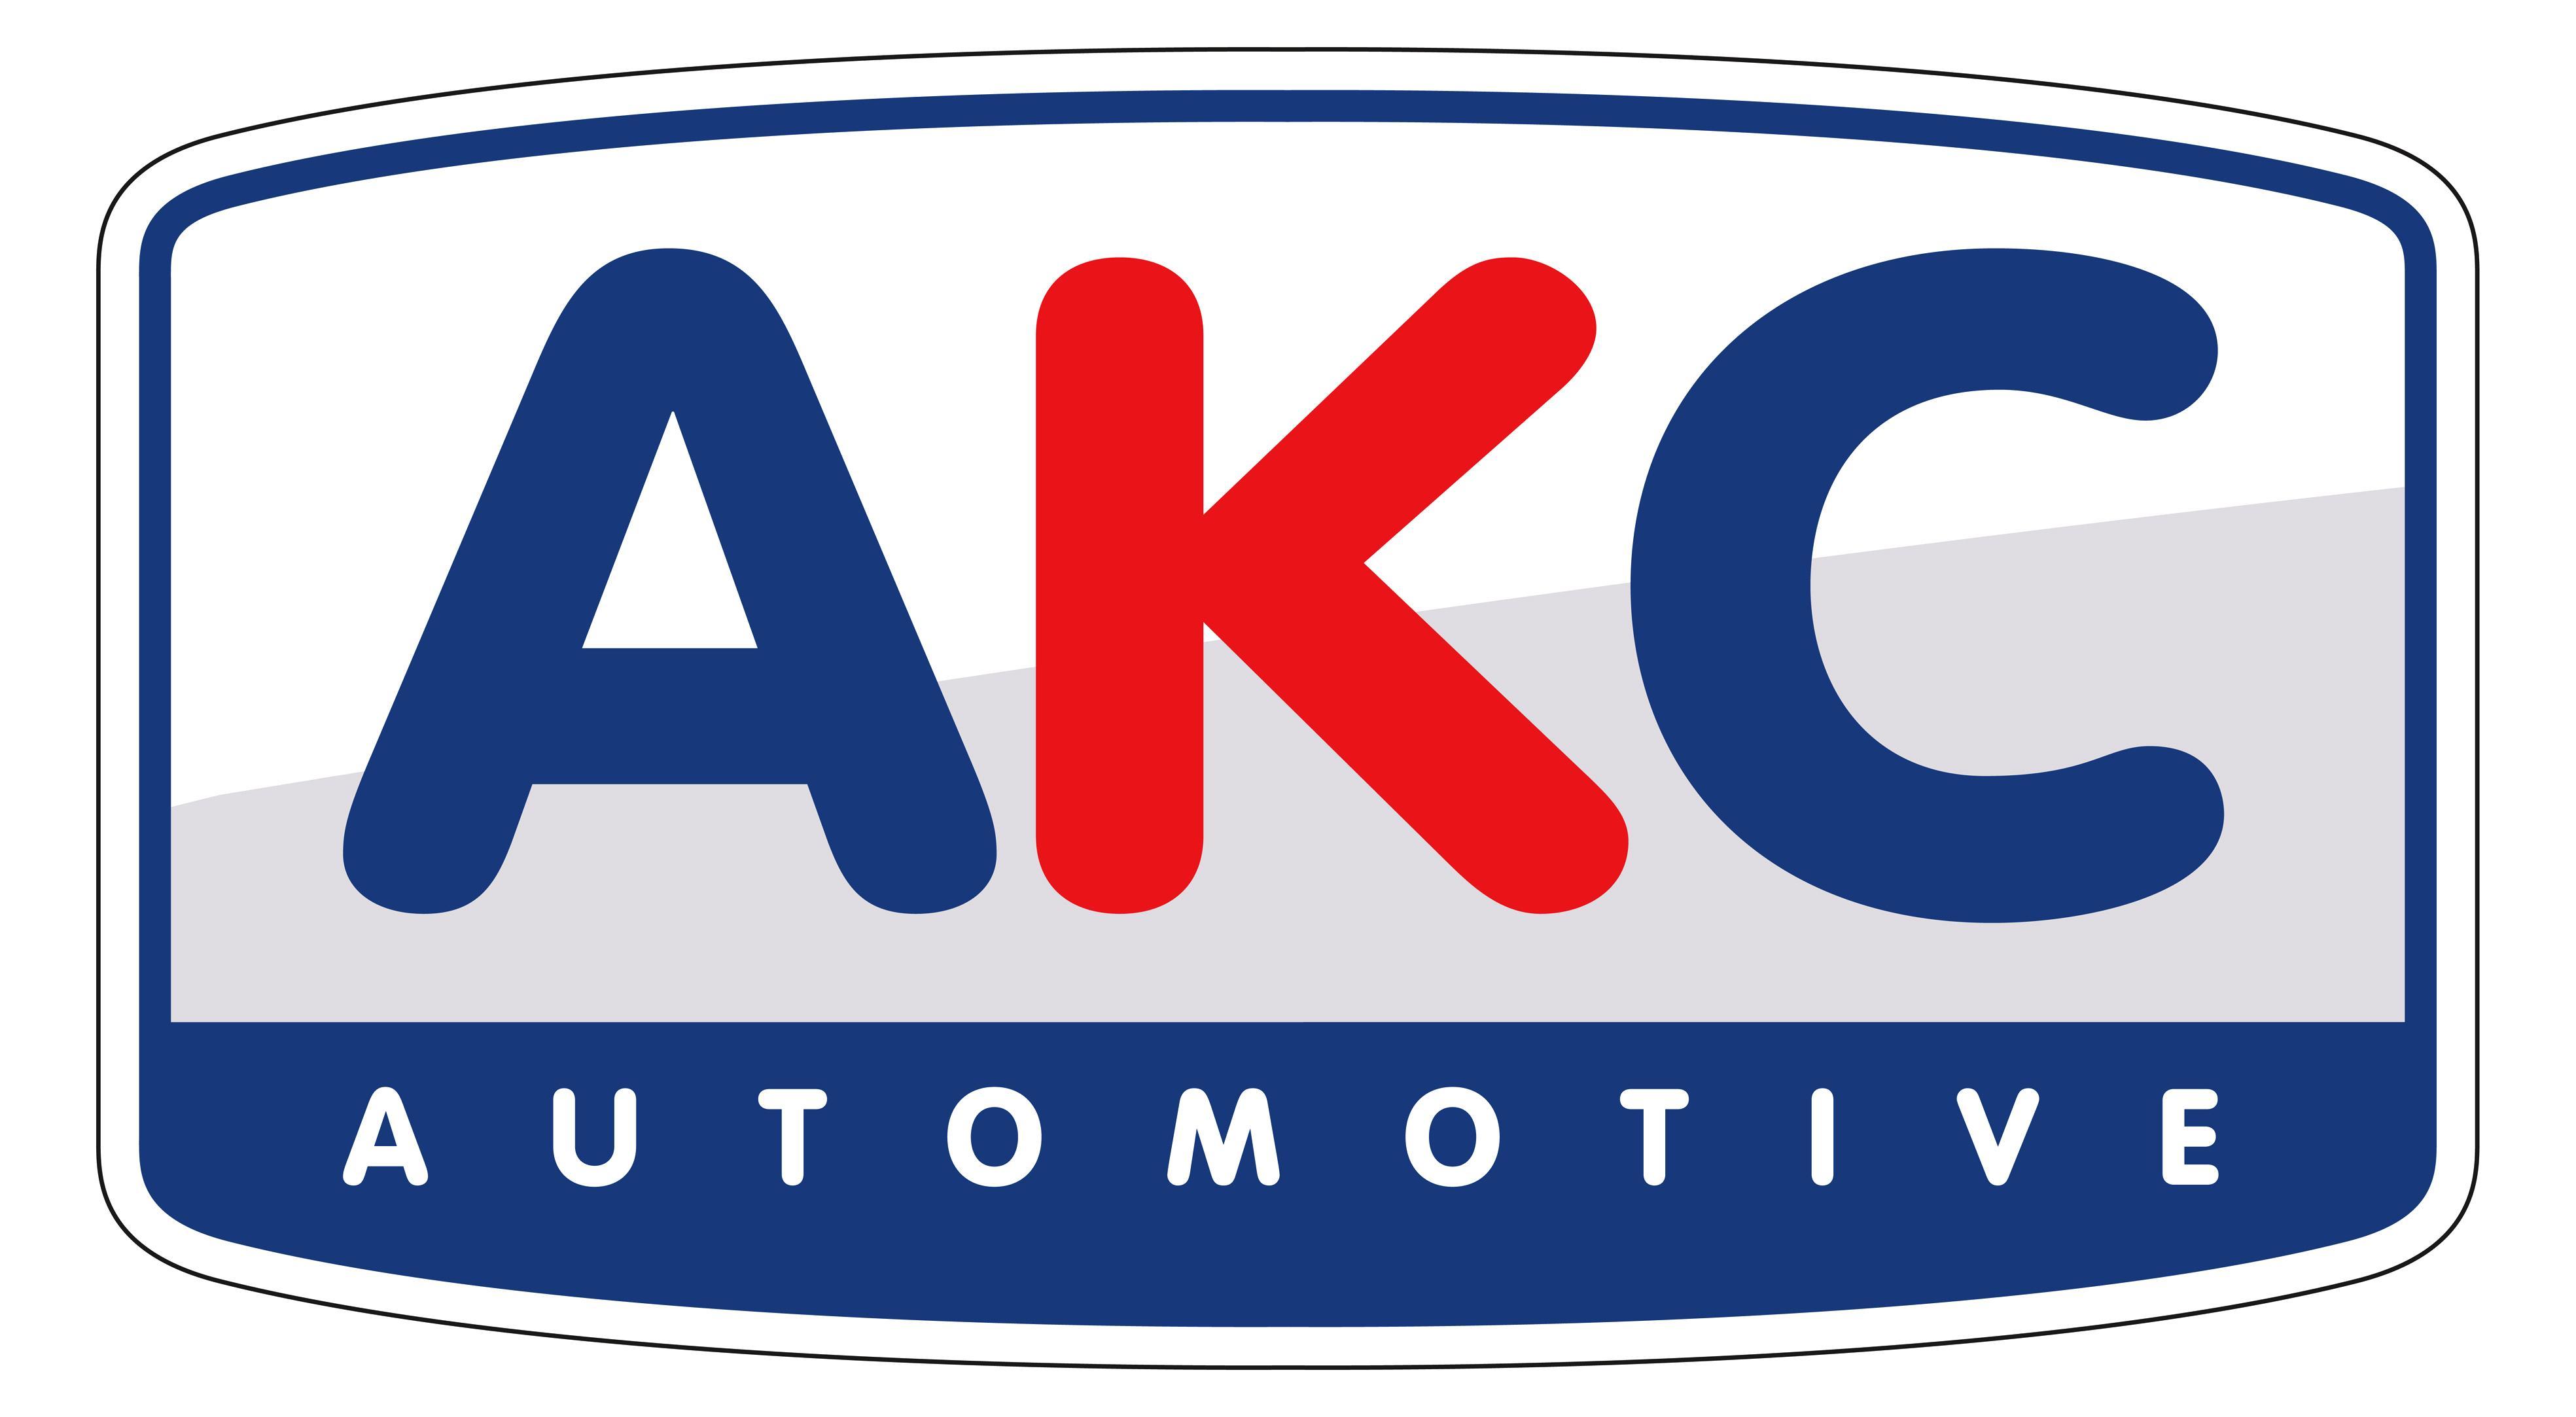 Auto Onderdelen Akc Automotive Levert Autoparts Uit Voorraad In